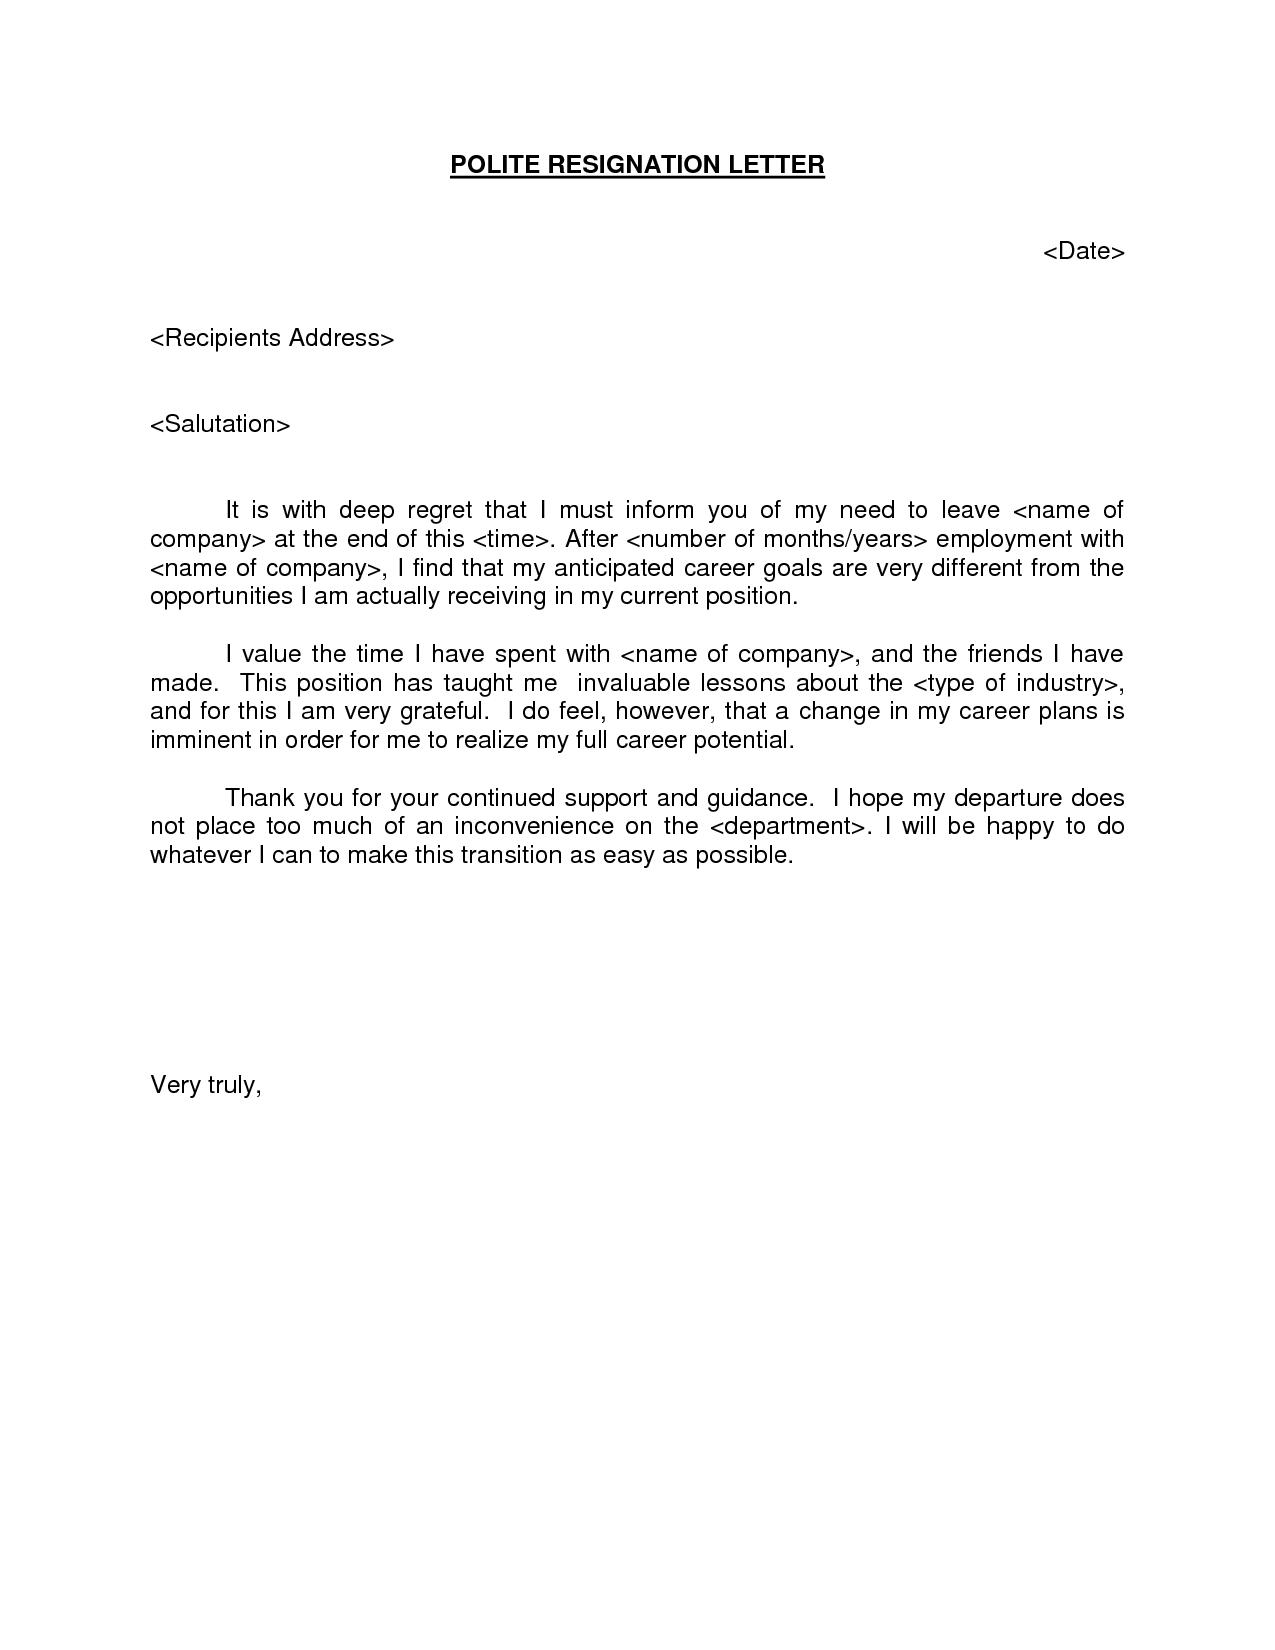 Short Resignation Letter Template - Polite Resignation Letter Bestdealformoneywriting A Letter